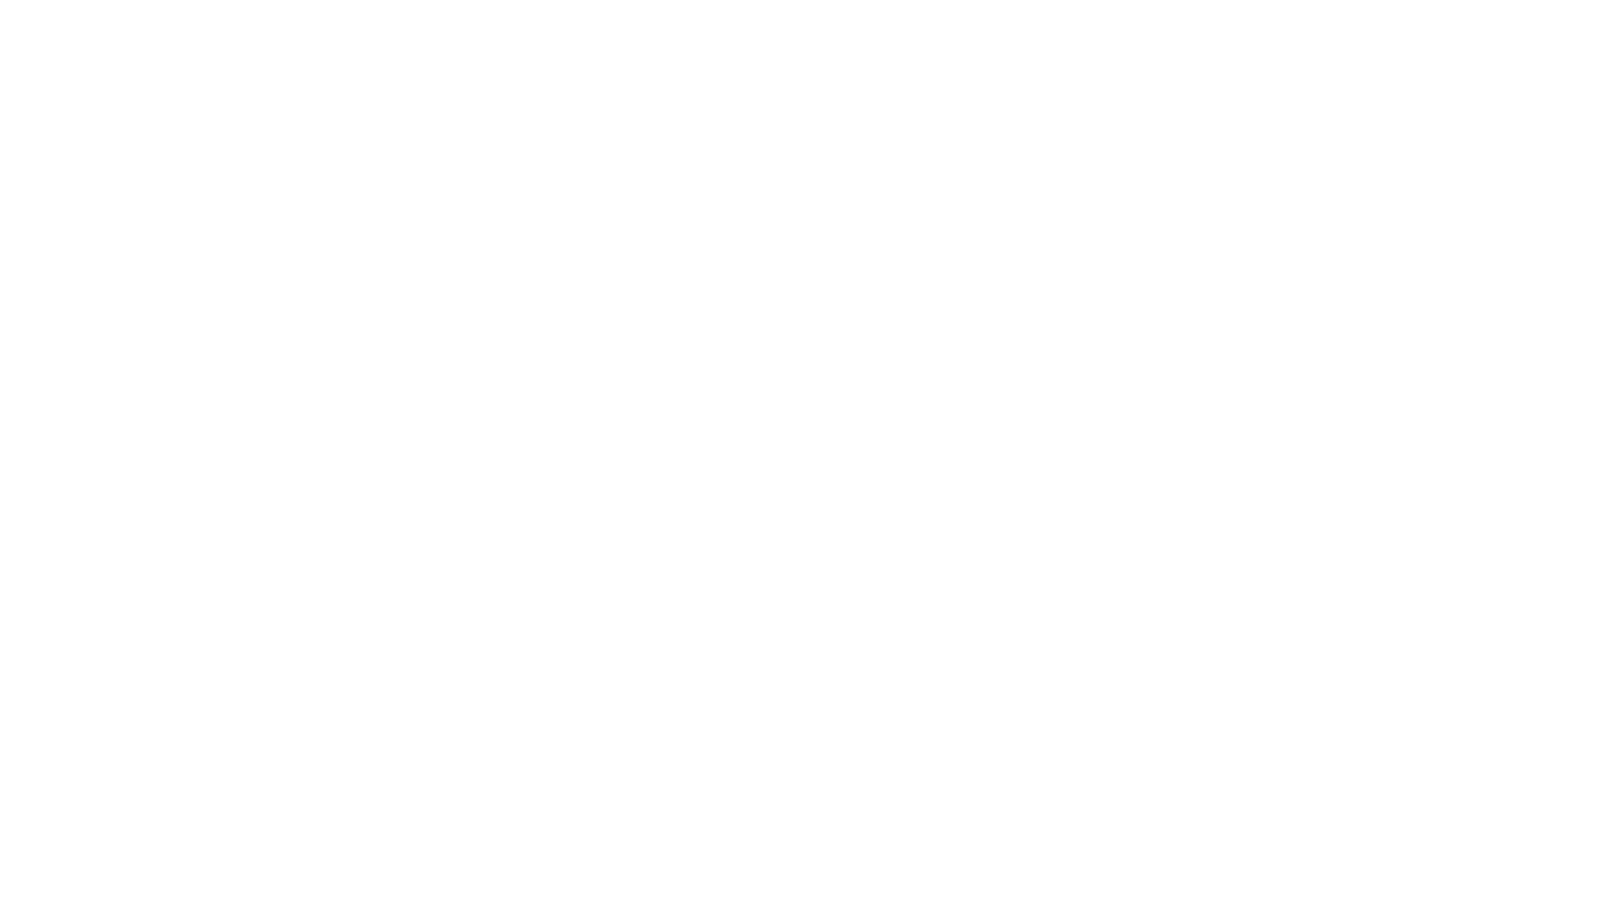 ¿El cannabis es la cura para el COVID-19? @kinesiologiacannabica - Nuevamente el Kinesiólogo Cannábico🌿, Mario Garrido👨⚕️ forma parte de este ciclo de entrevistas y nos habla sobre los beneficios del cannabis en la parte médica y sus usos. Además, estaremos respondiendo preguntas de interés general.  La entrevista completa está disponible en MOTARADIO.COM